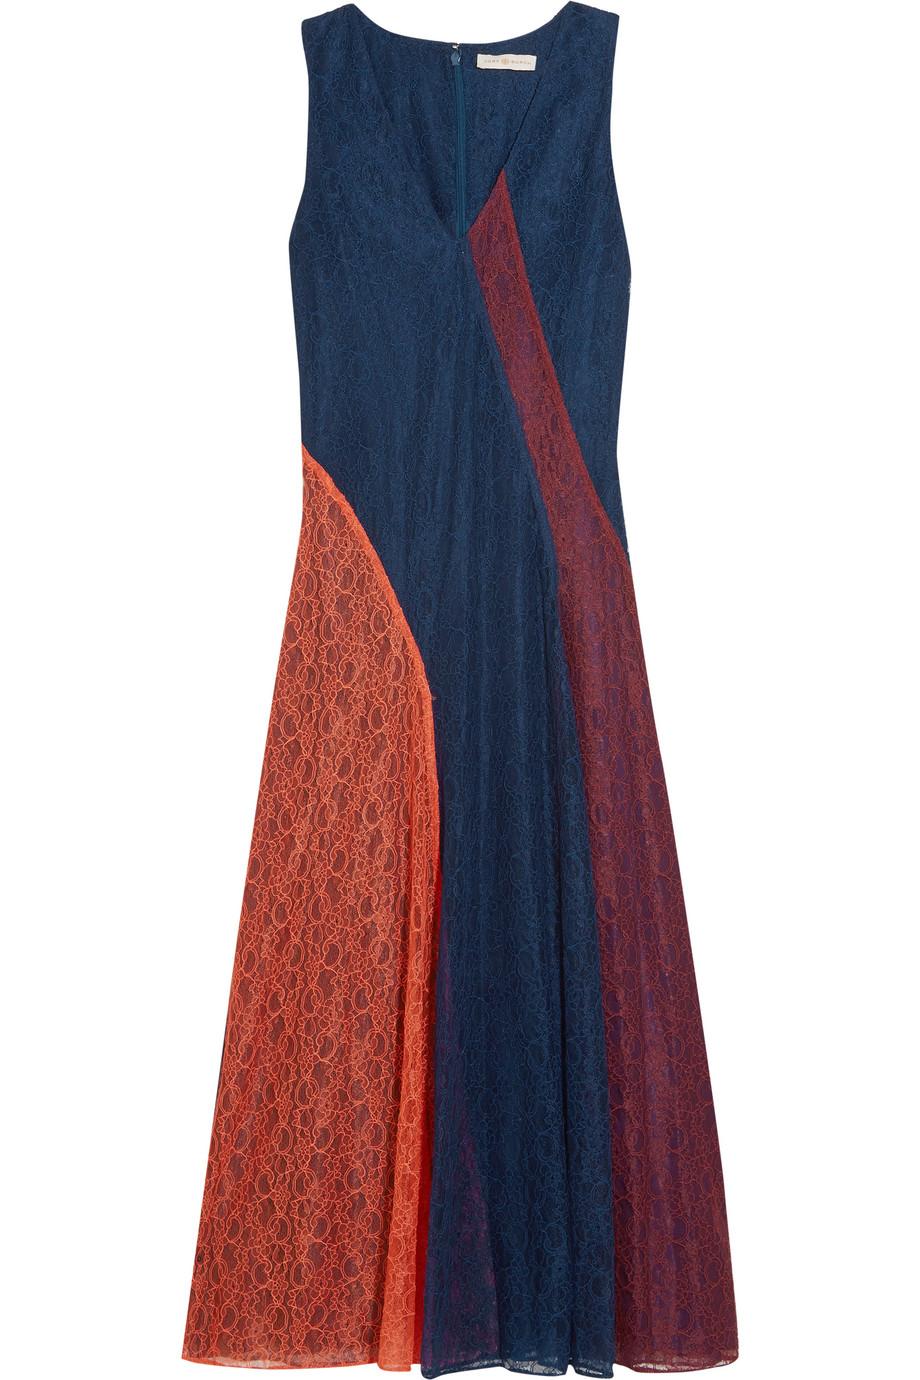 Tory Burch Iliana Paneled Lace Midi Dress, Size: 6